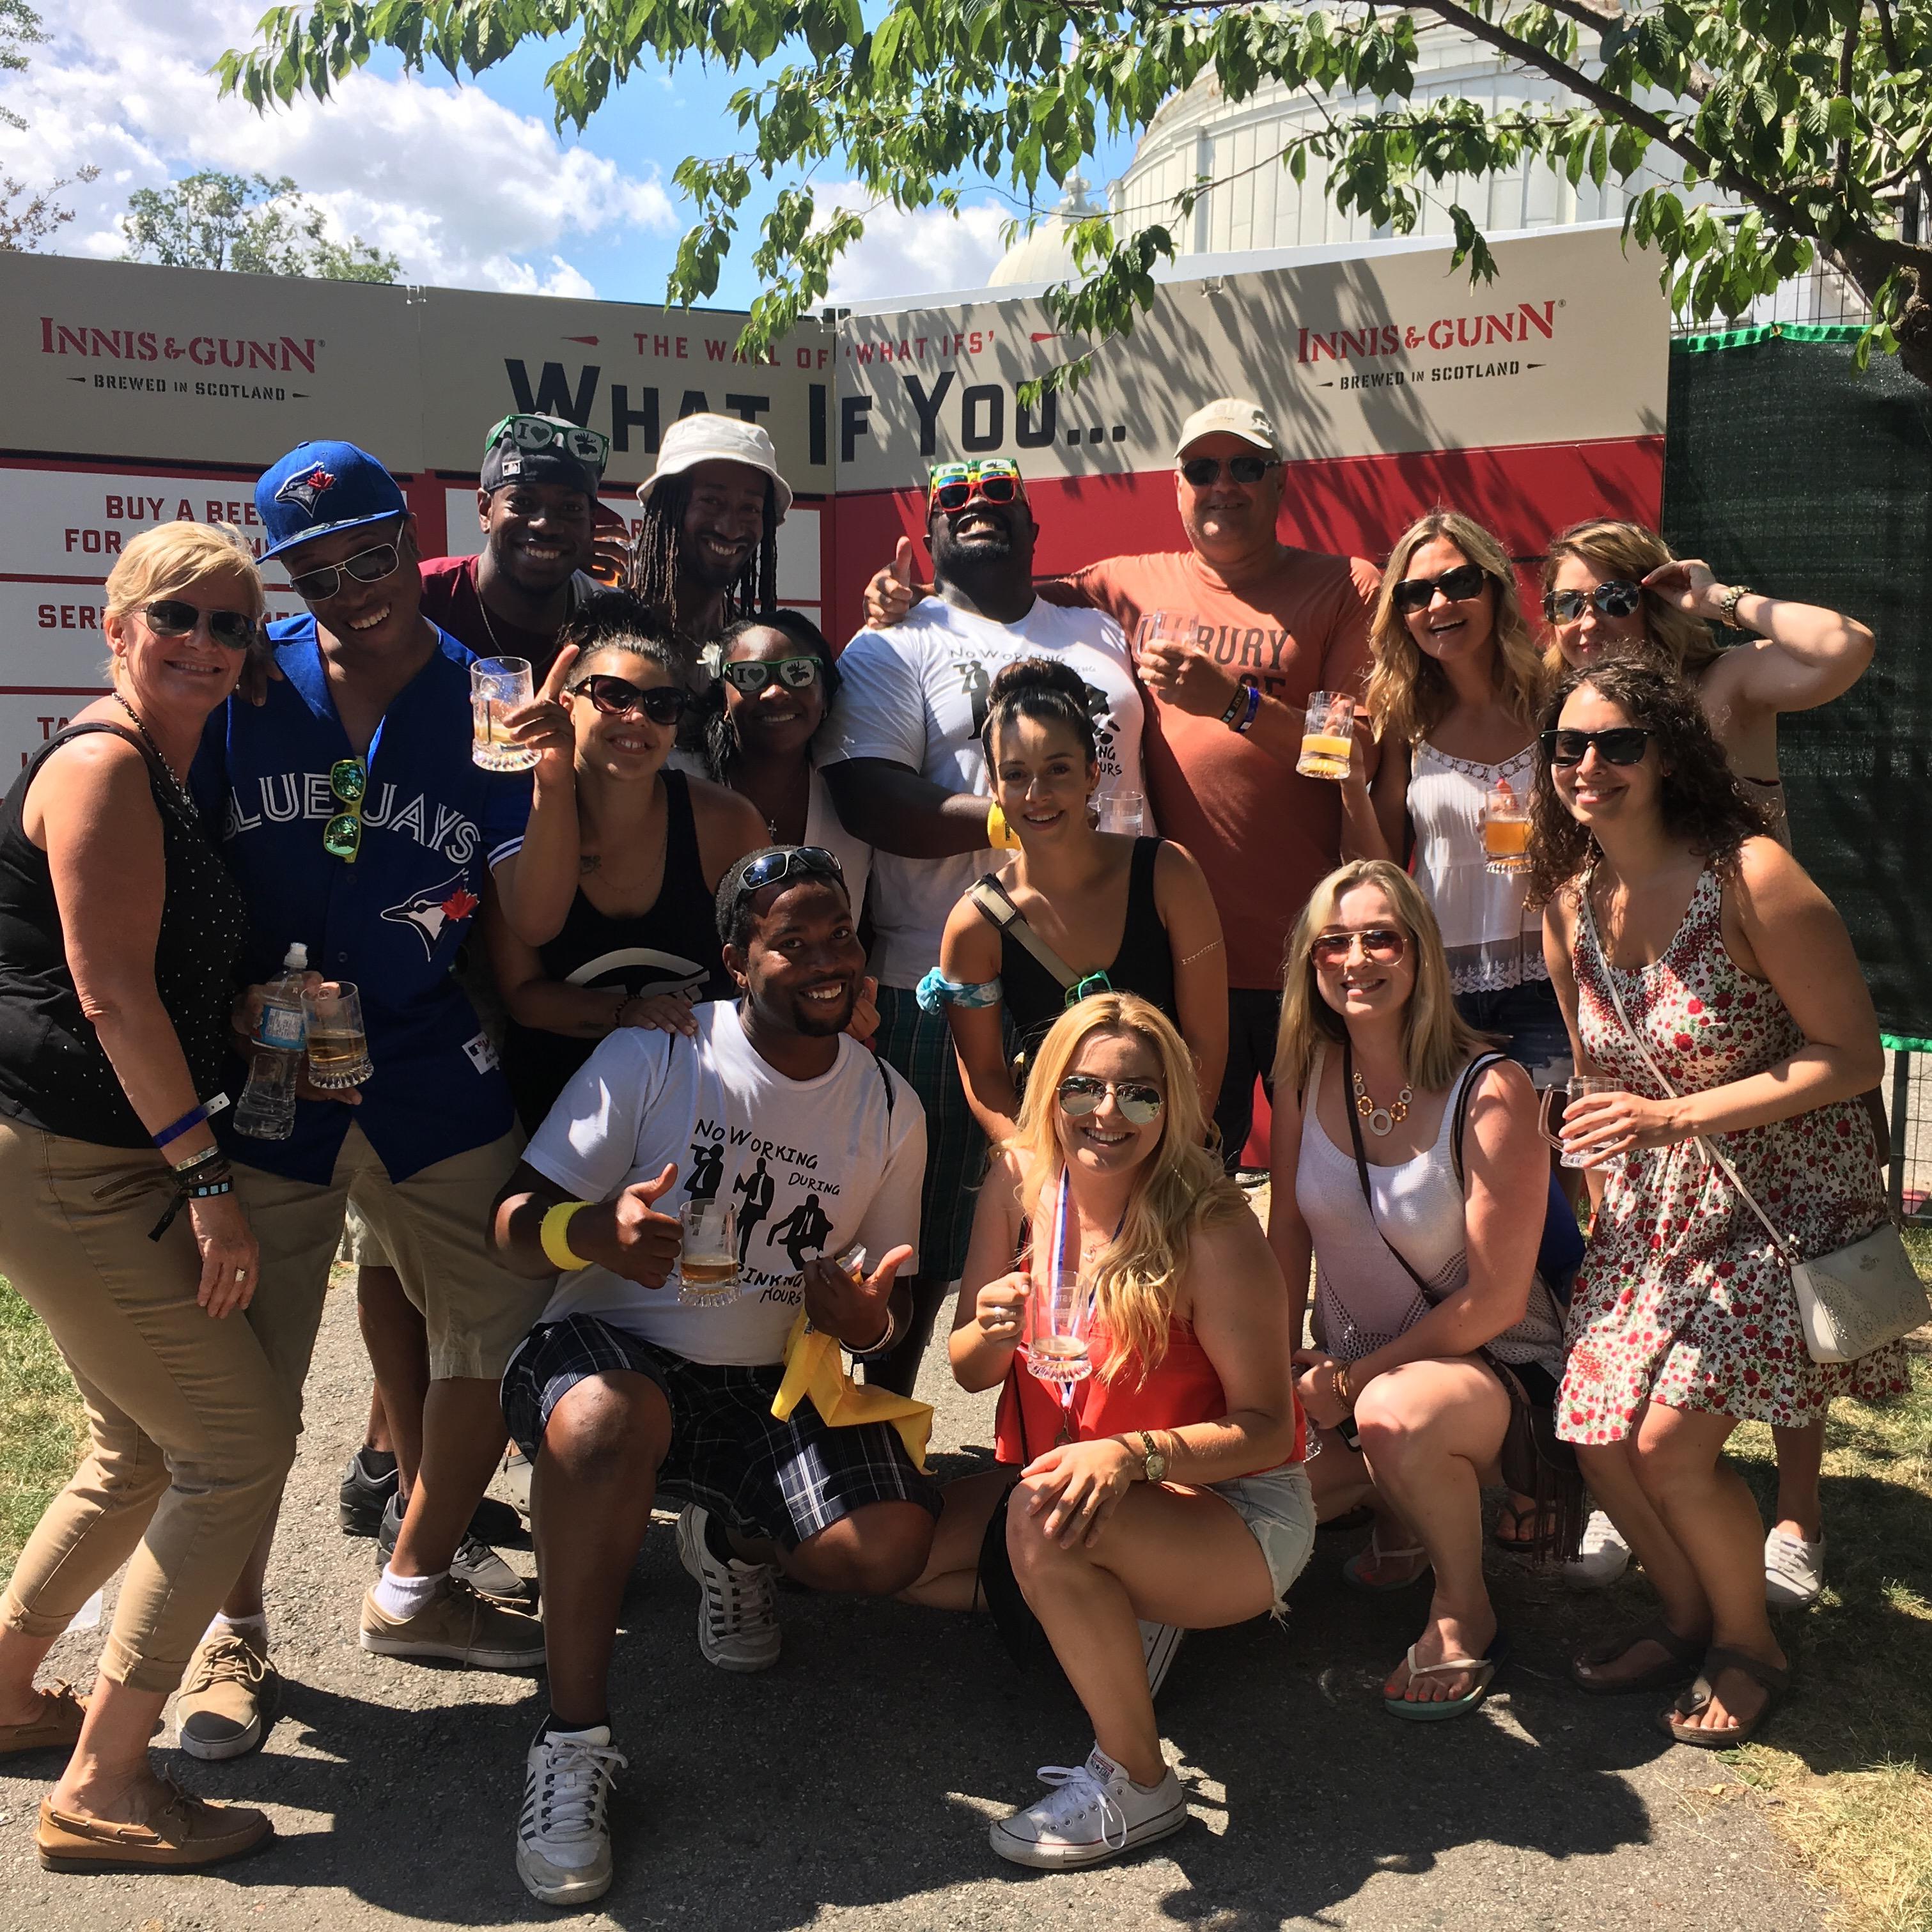 Toronto Beer Fest group moosehead